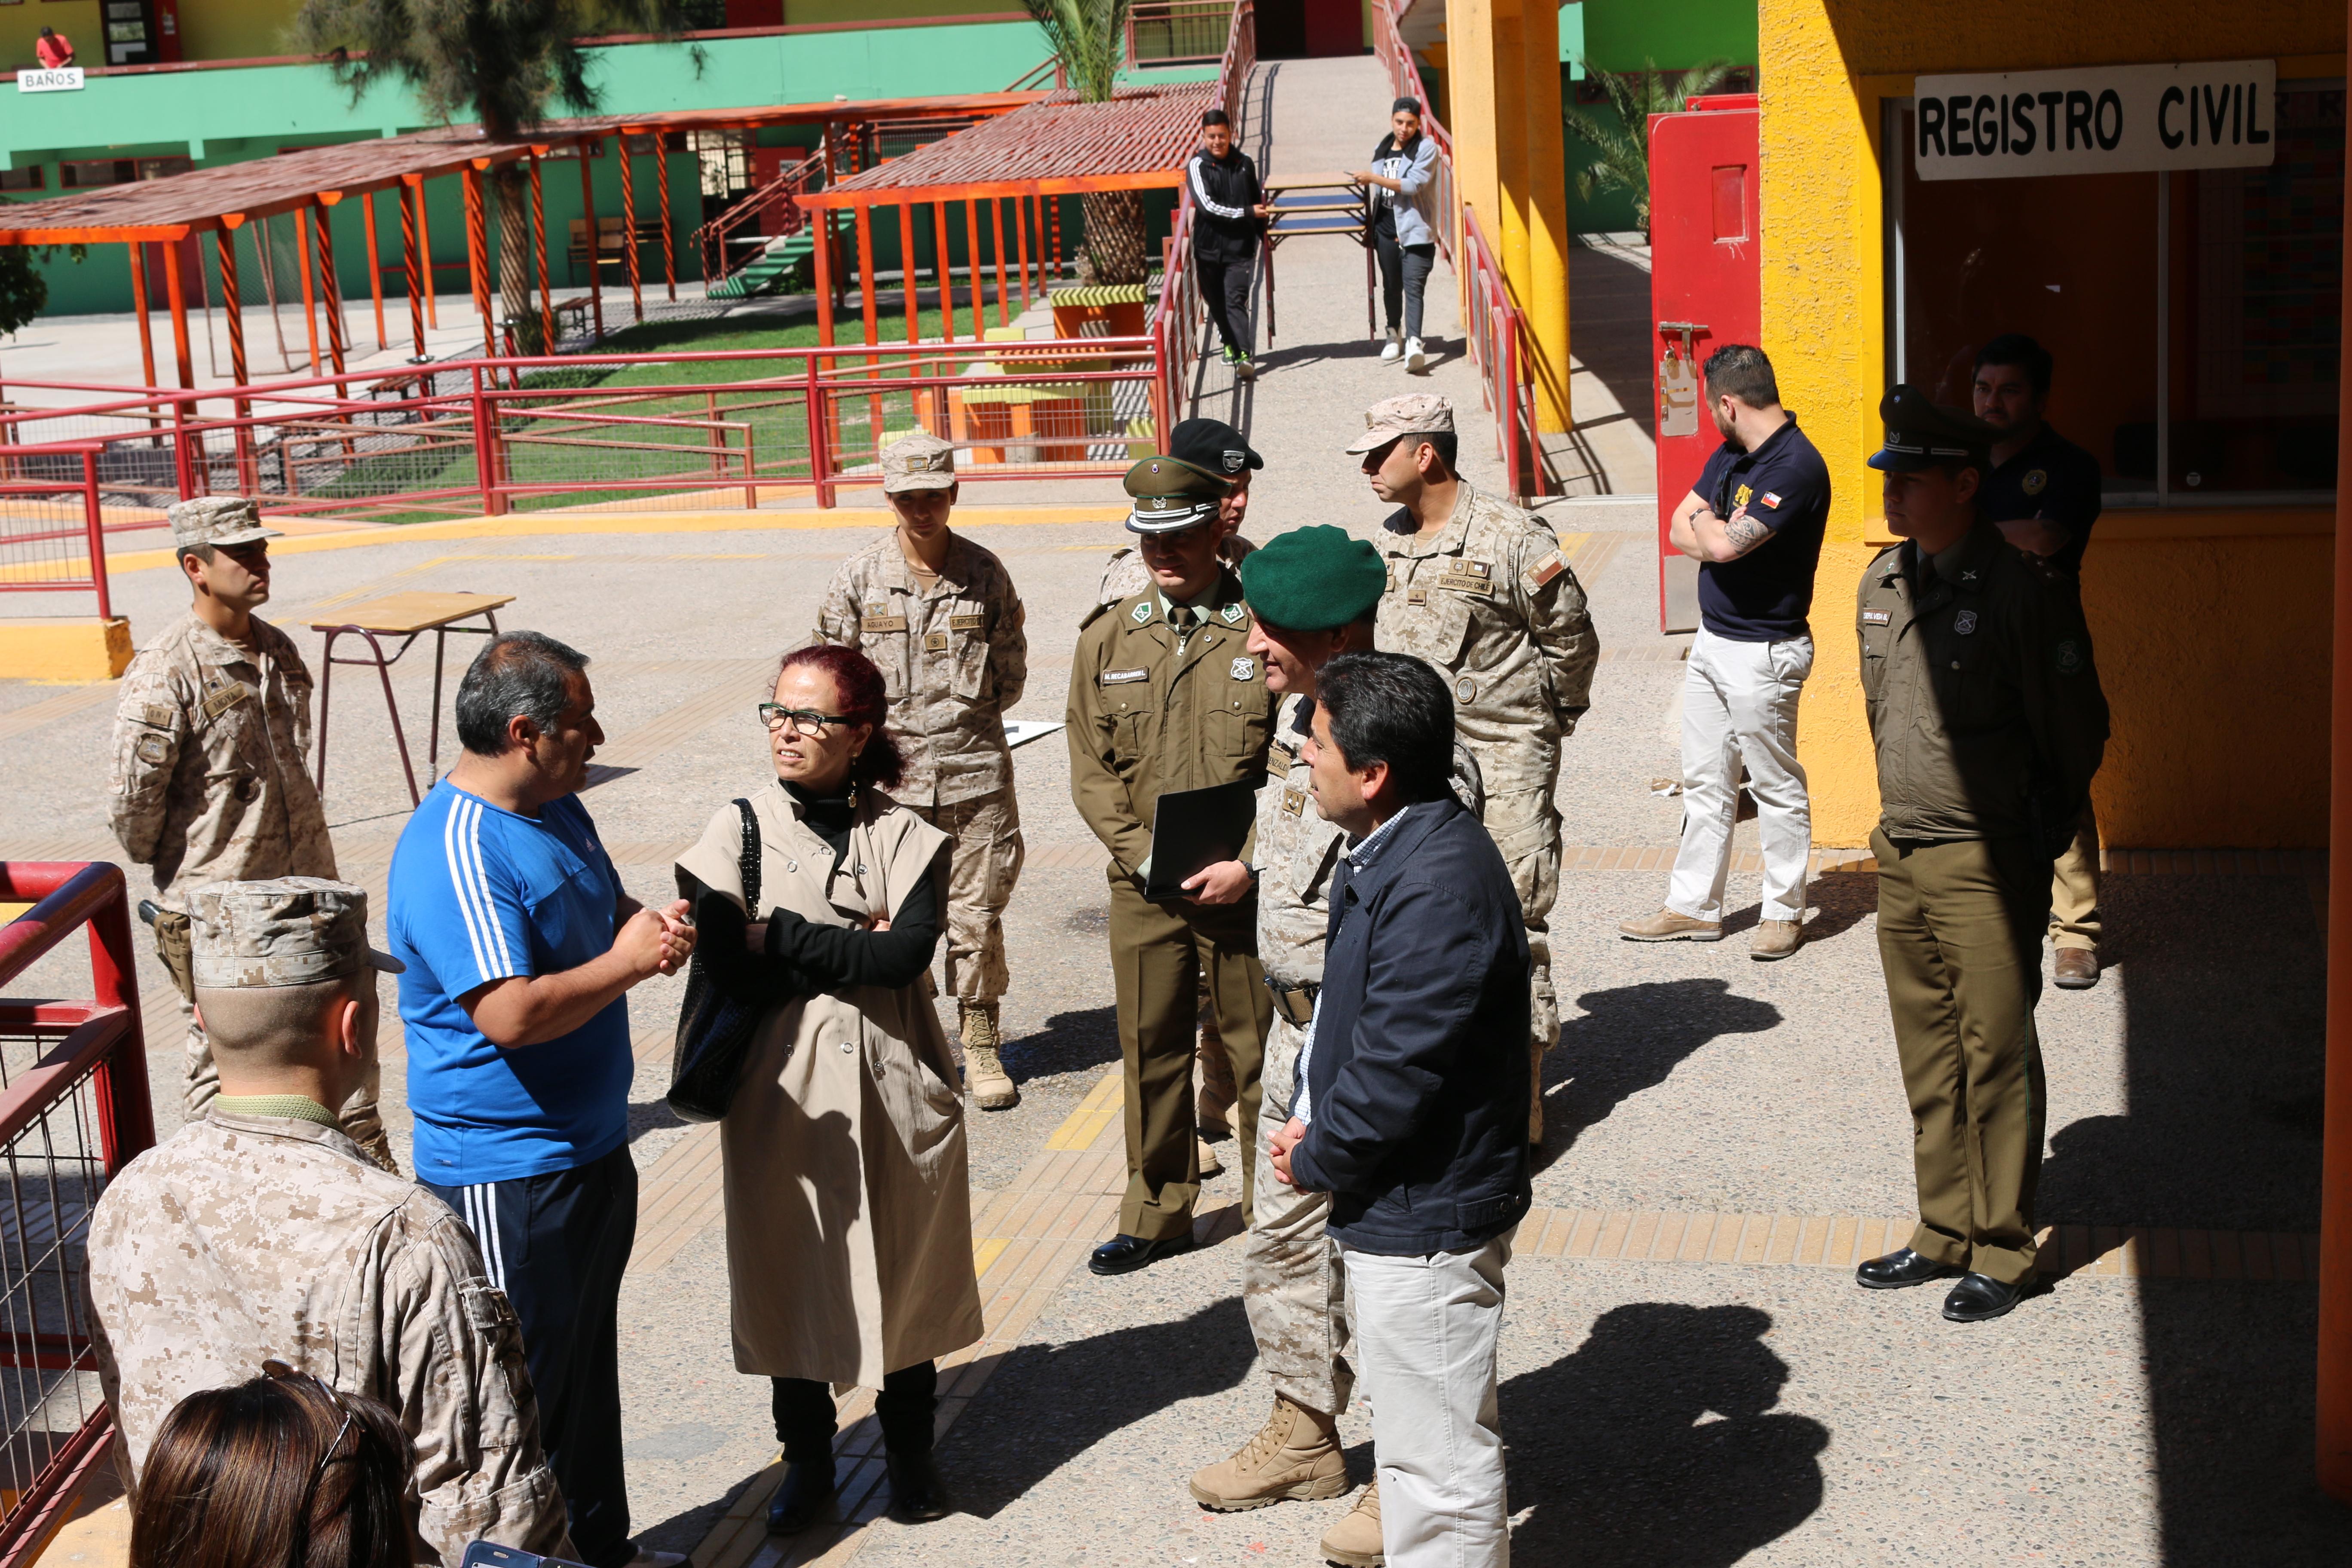 Intendente Vargas y General Fuenzalida constatan plan para garantizar la seguridad de votantes en recintos electorales de la provincia del Huasco